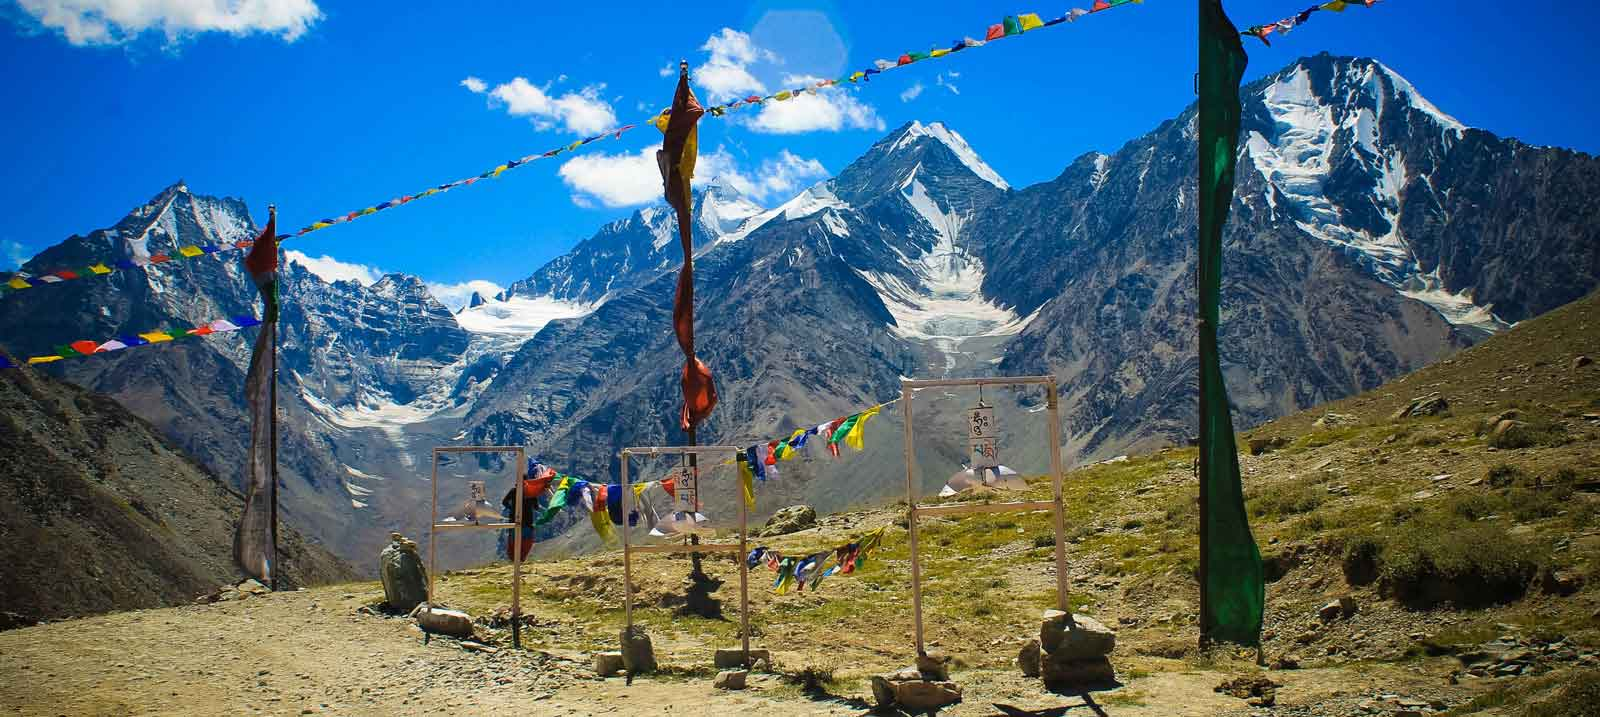 himachal-adventure-tours-2